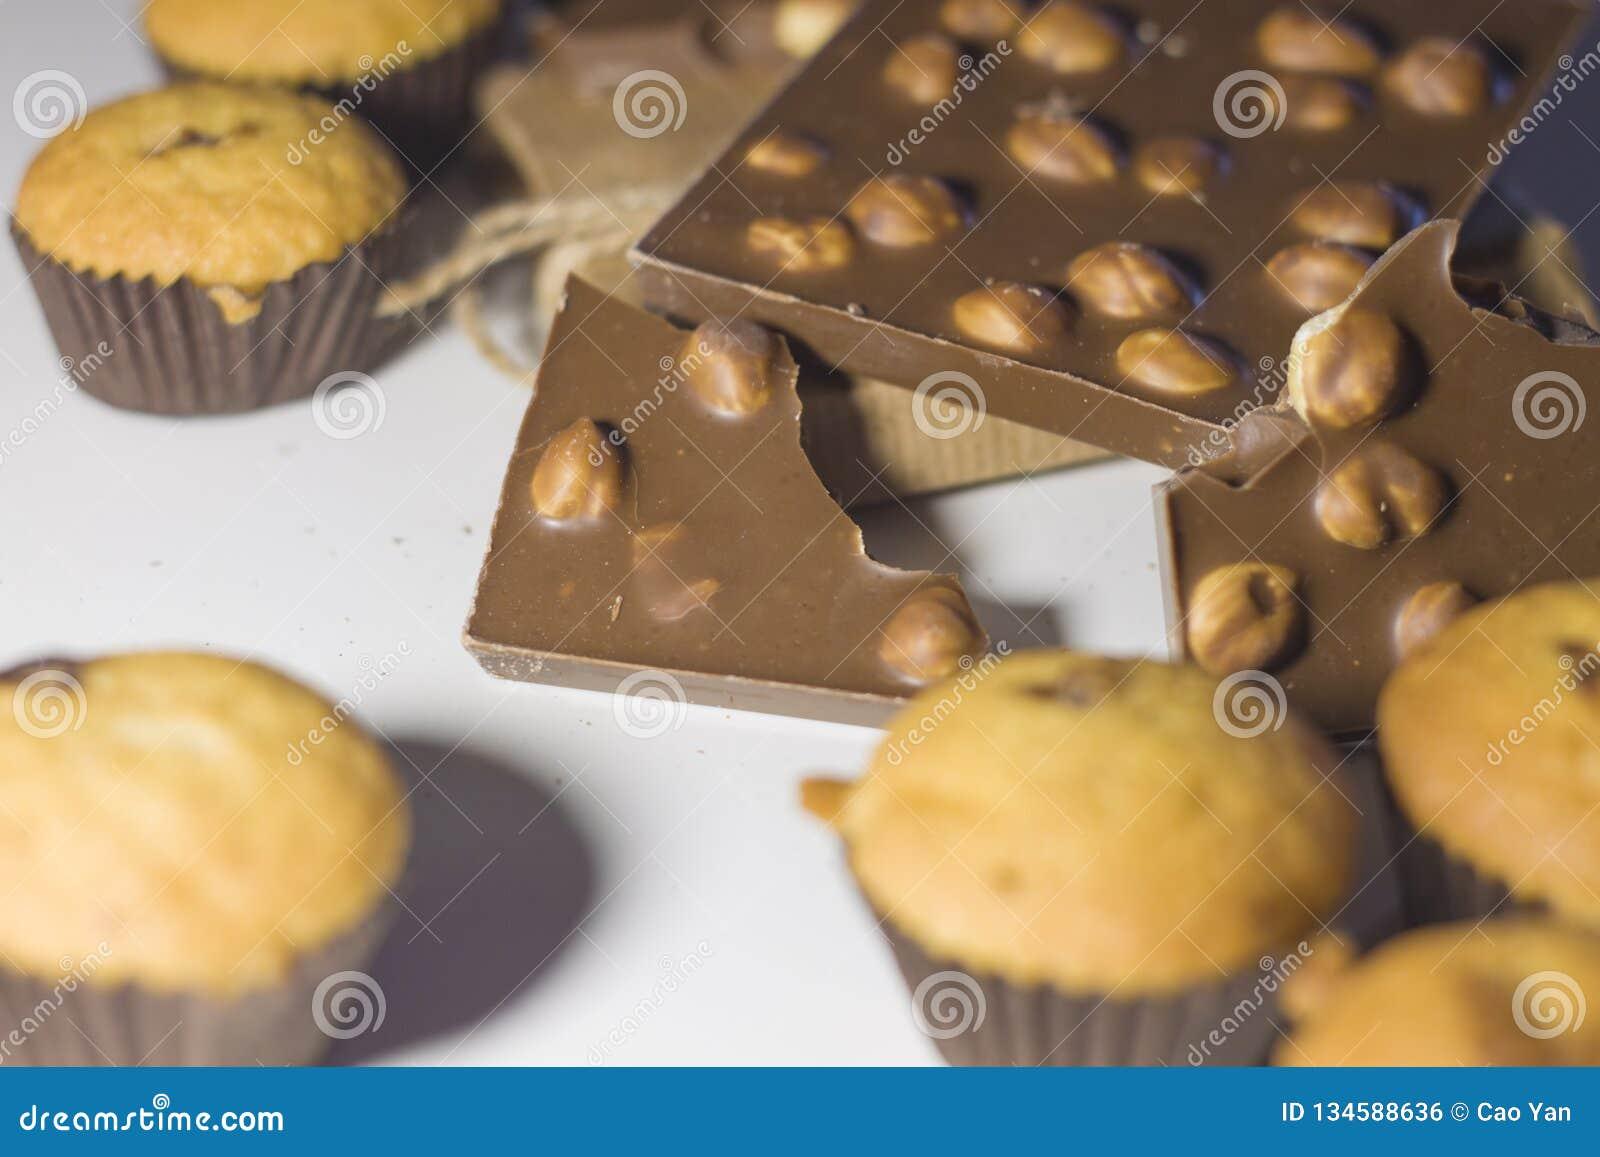 Zbliżenie cukierki, czekolada z dokrętkami i słodka bułeczka na białym tle,